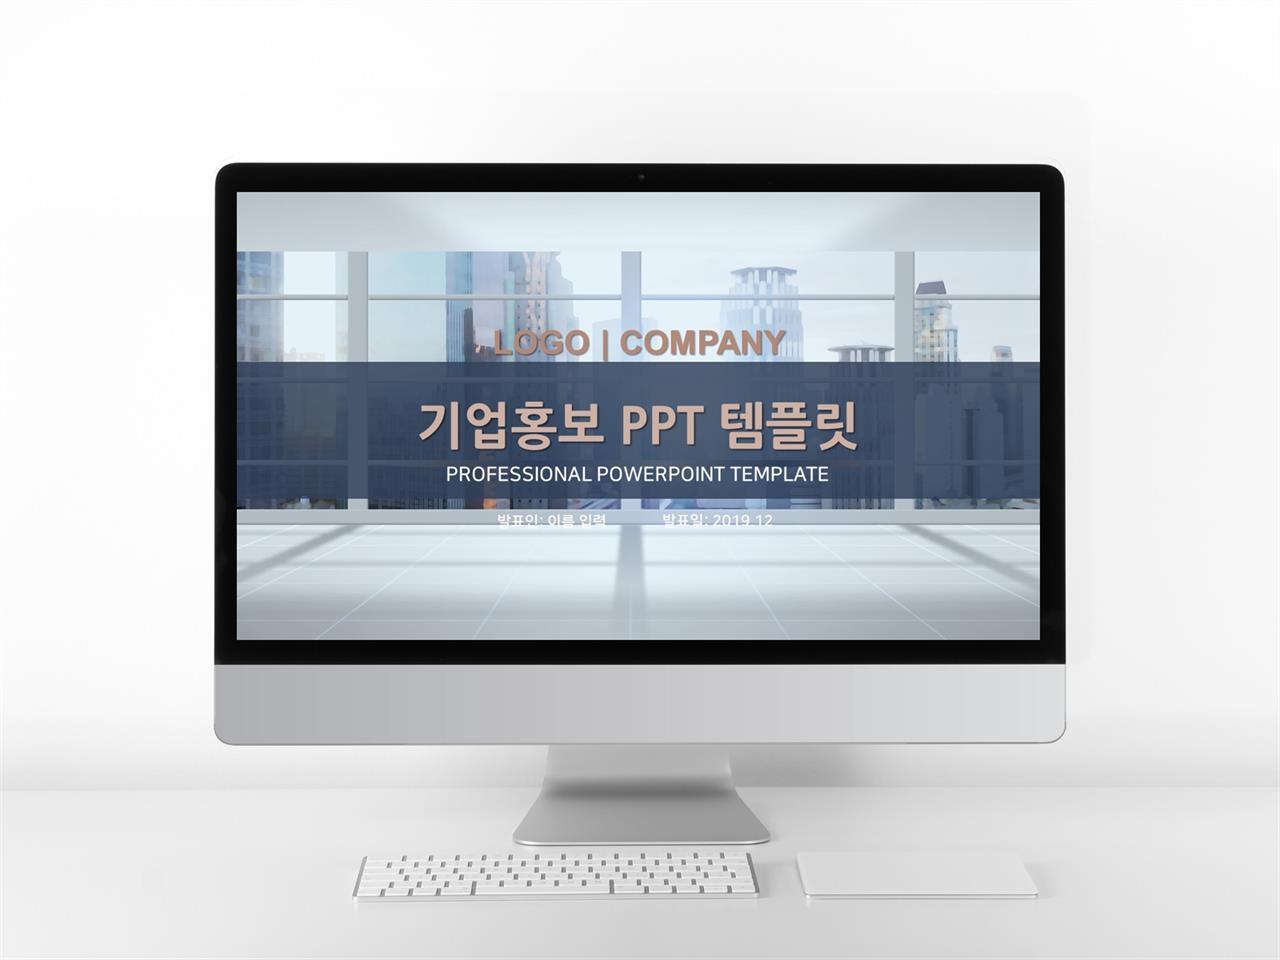 회사홍보 보라색 패션느낌 프로급 PPT샘플 사이트 미리보기